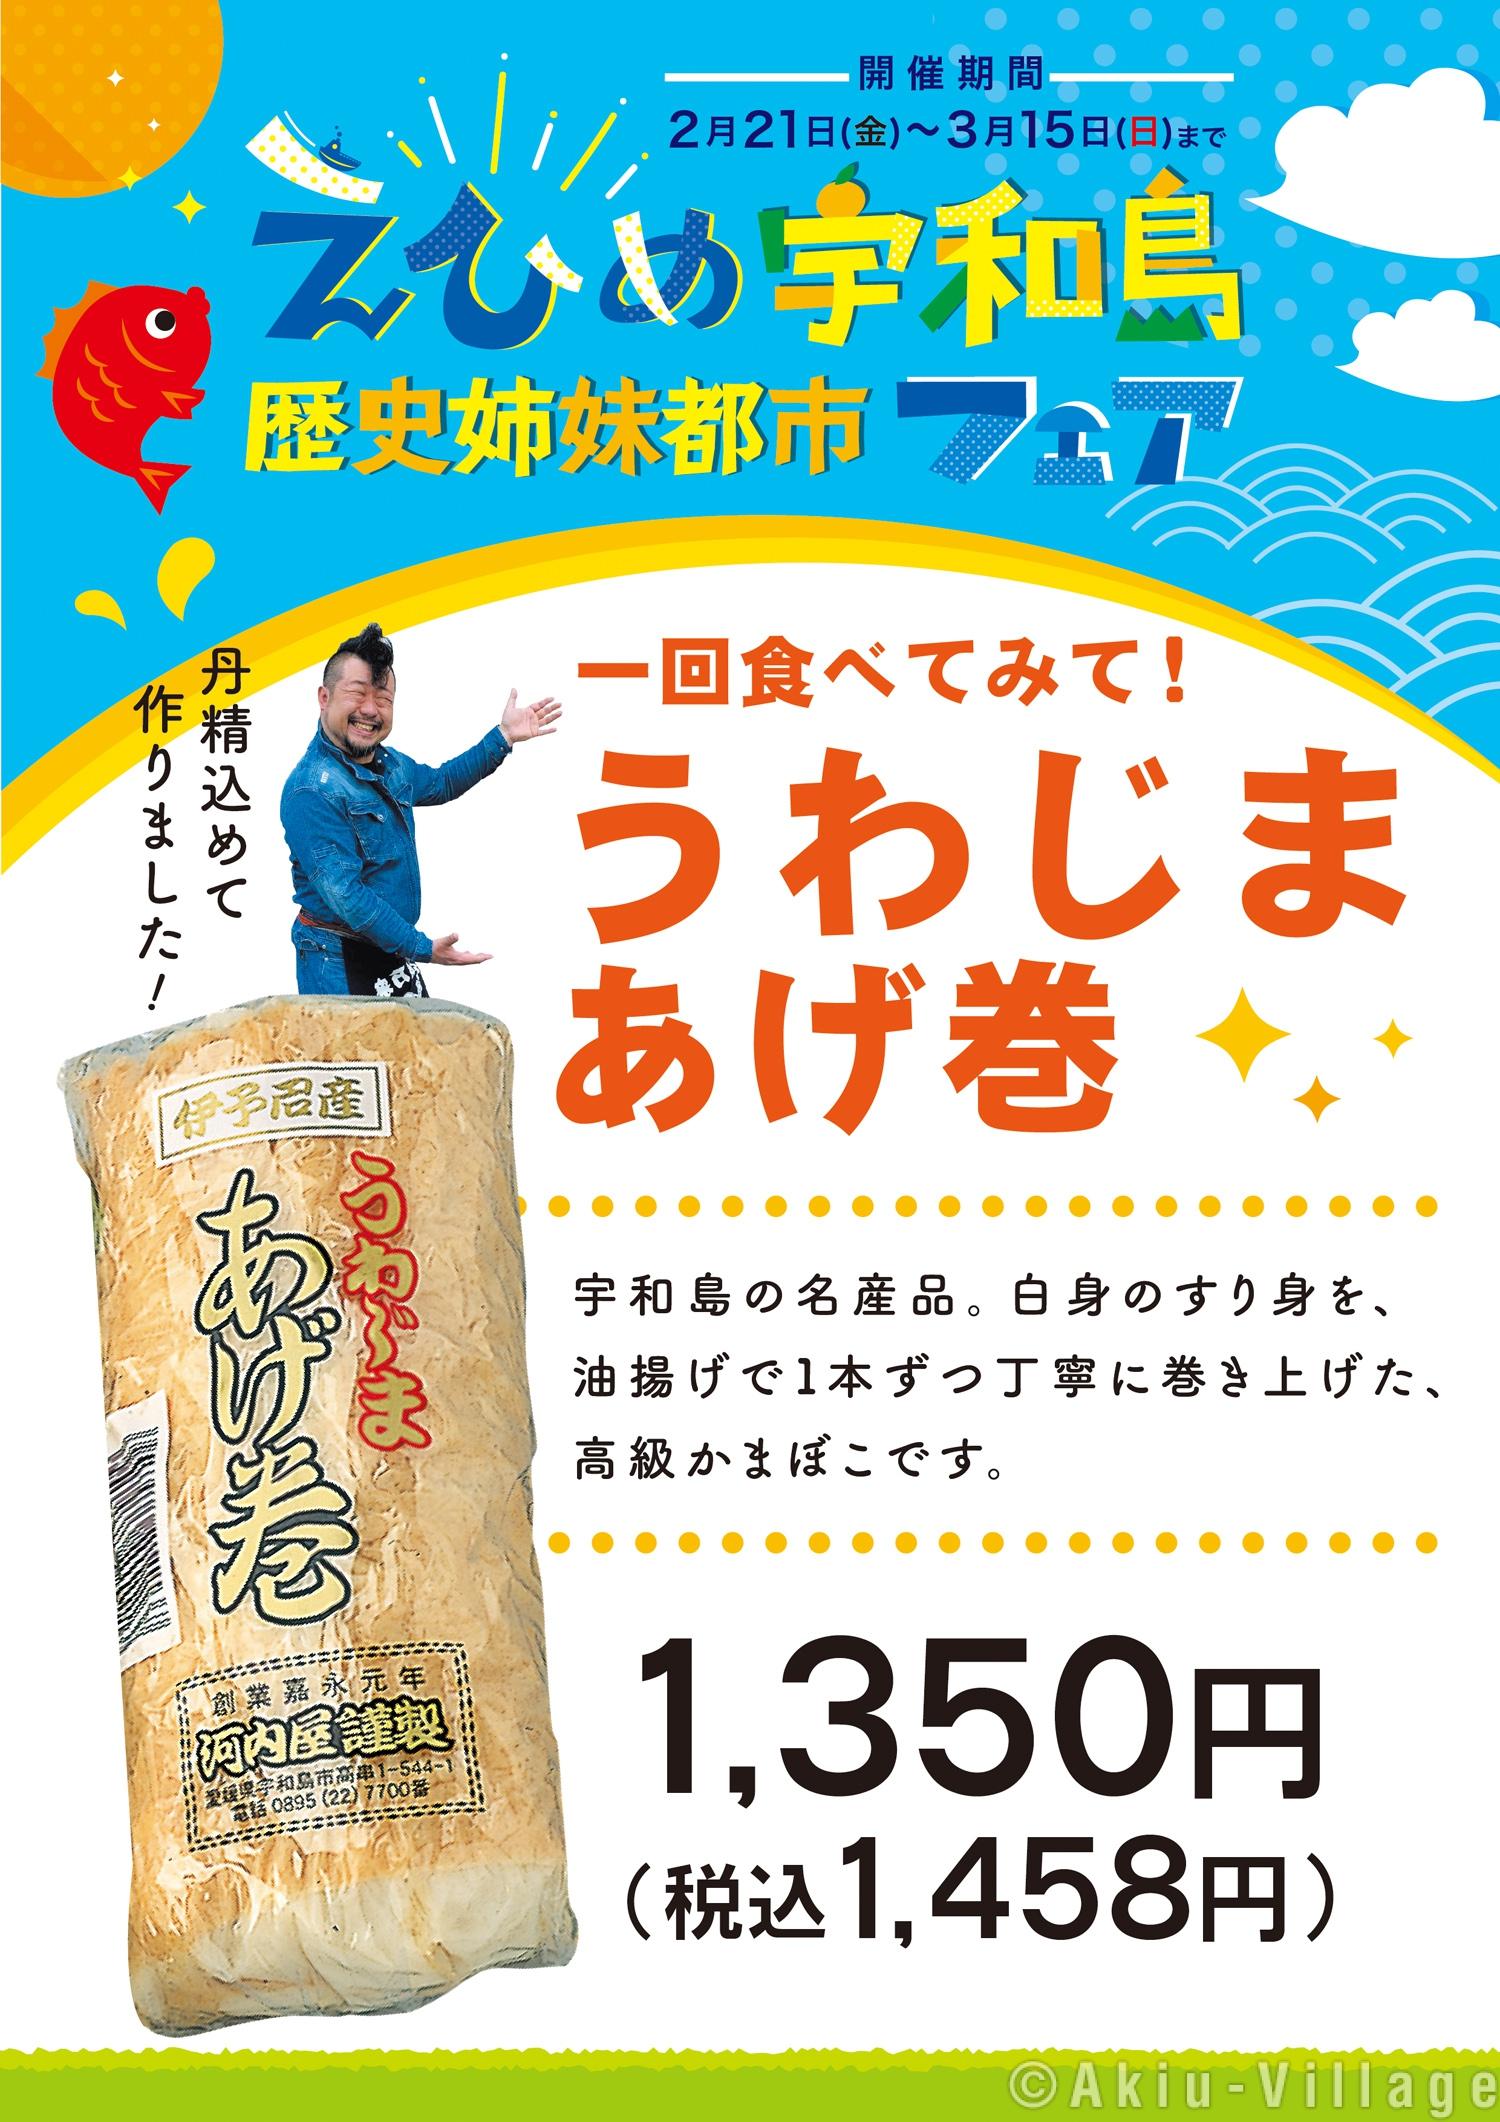 えひめ宇和島歴史姉妹都市フェア ~物産コーナーおススメ商品~